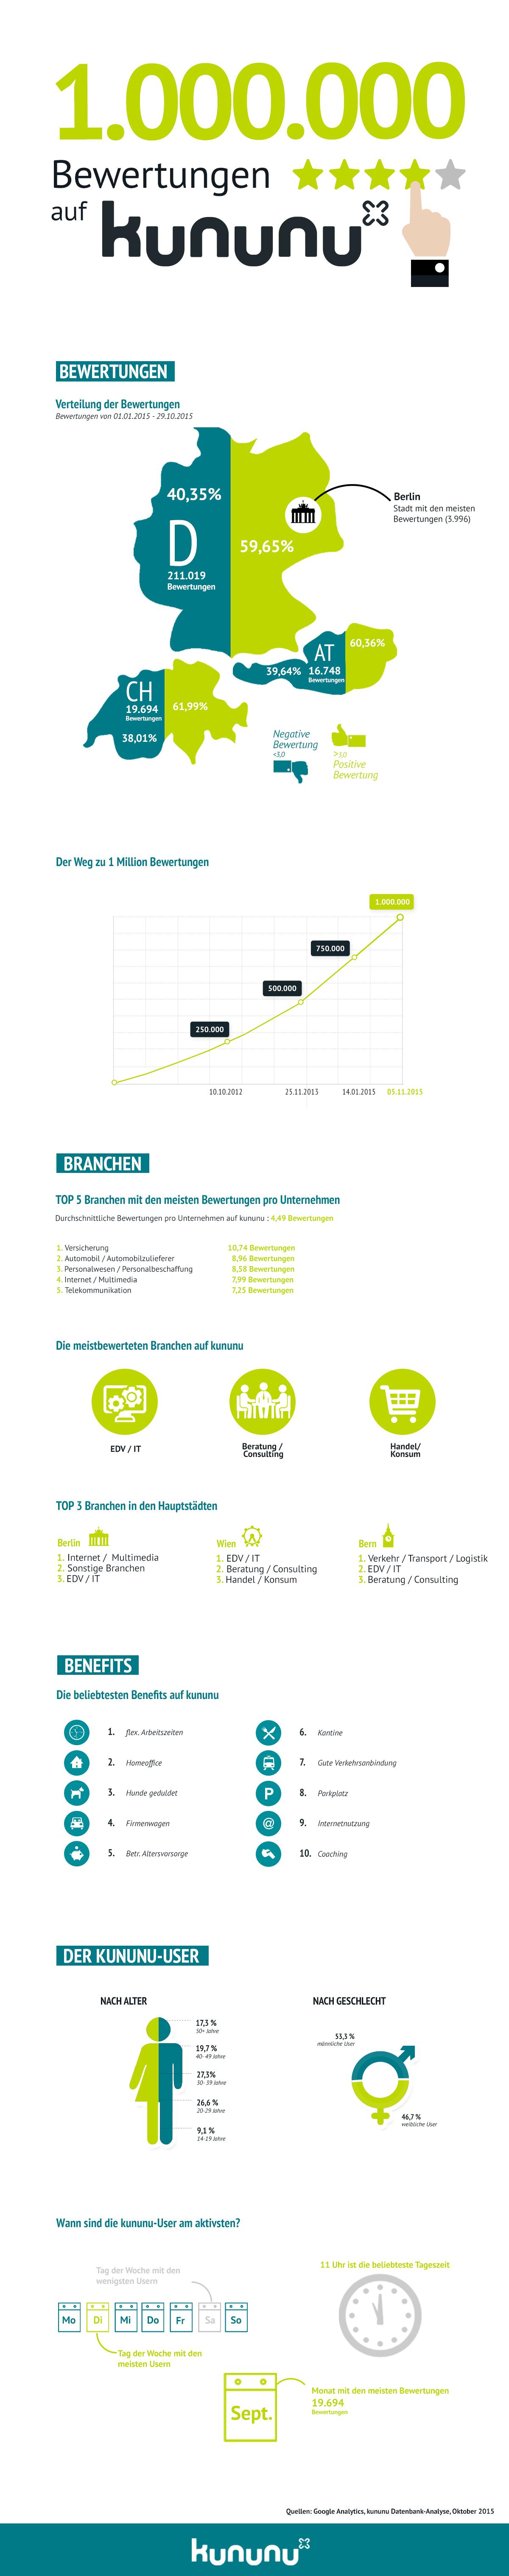 2015_11_06_Infografik_1000000_Bewertungen